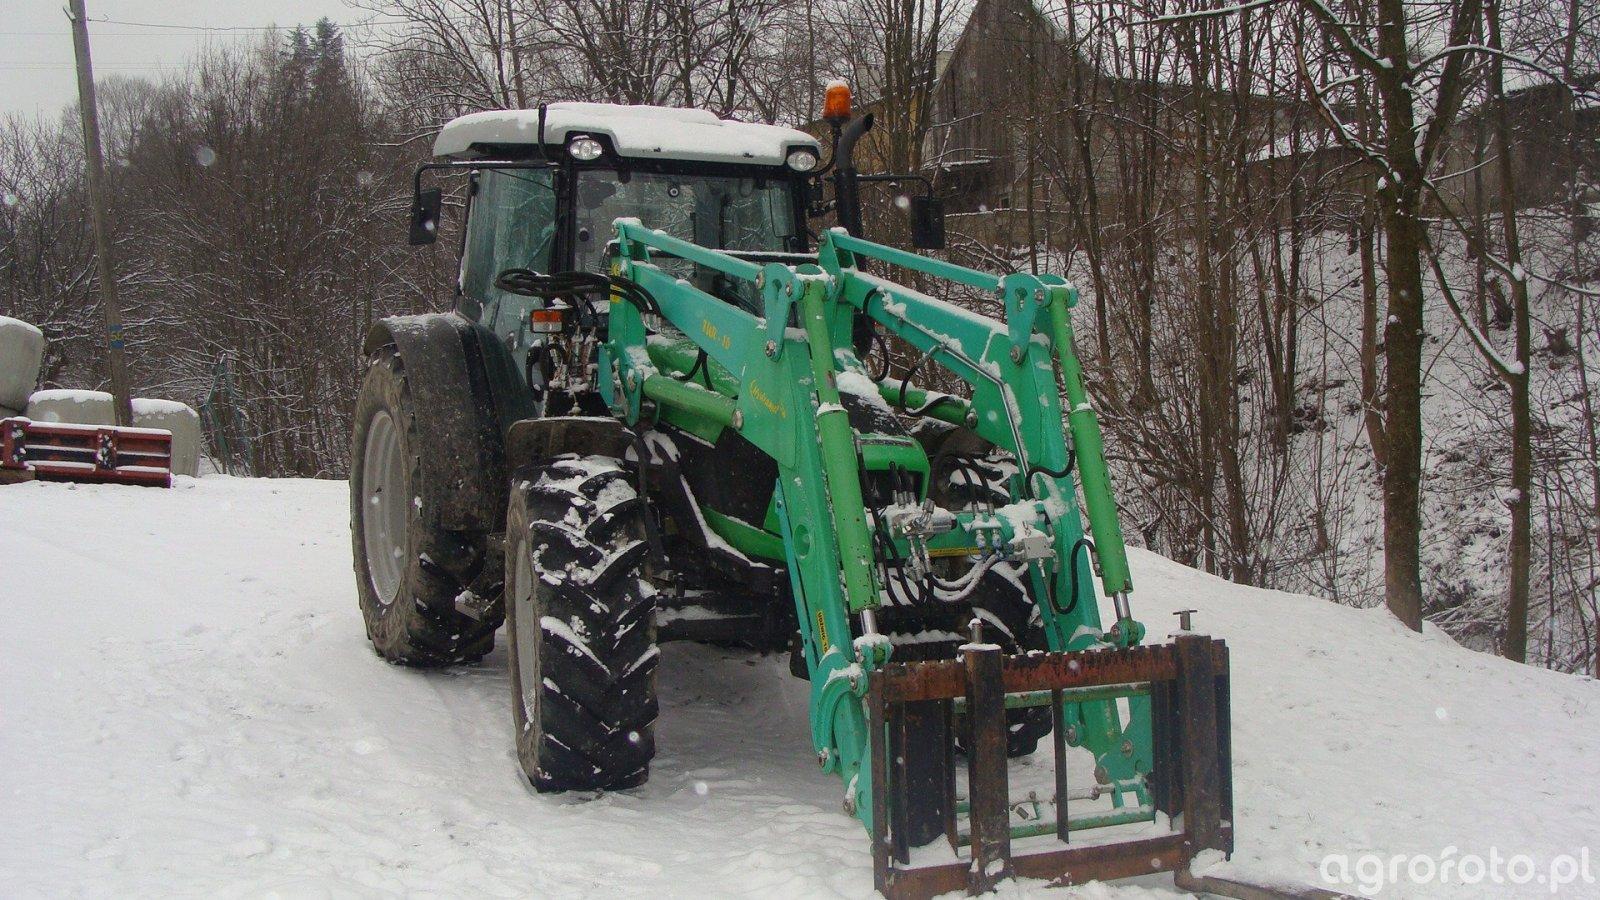 Deutz-Fahr Agrofarm 410 + tur 16 Hydramet